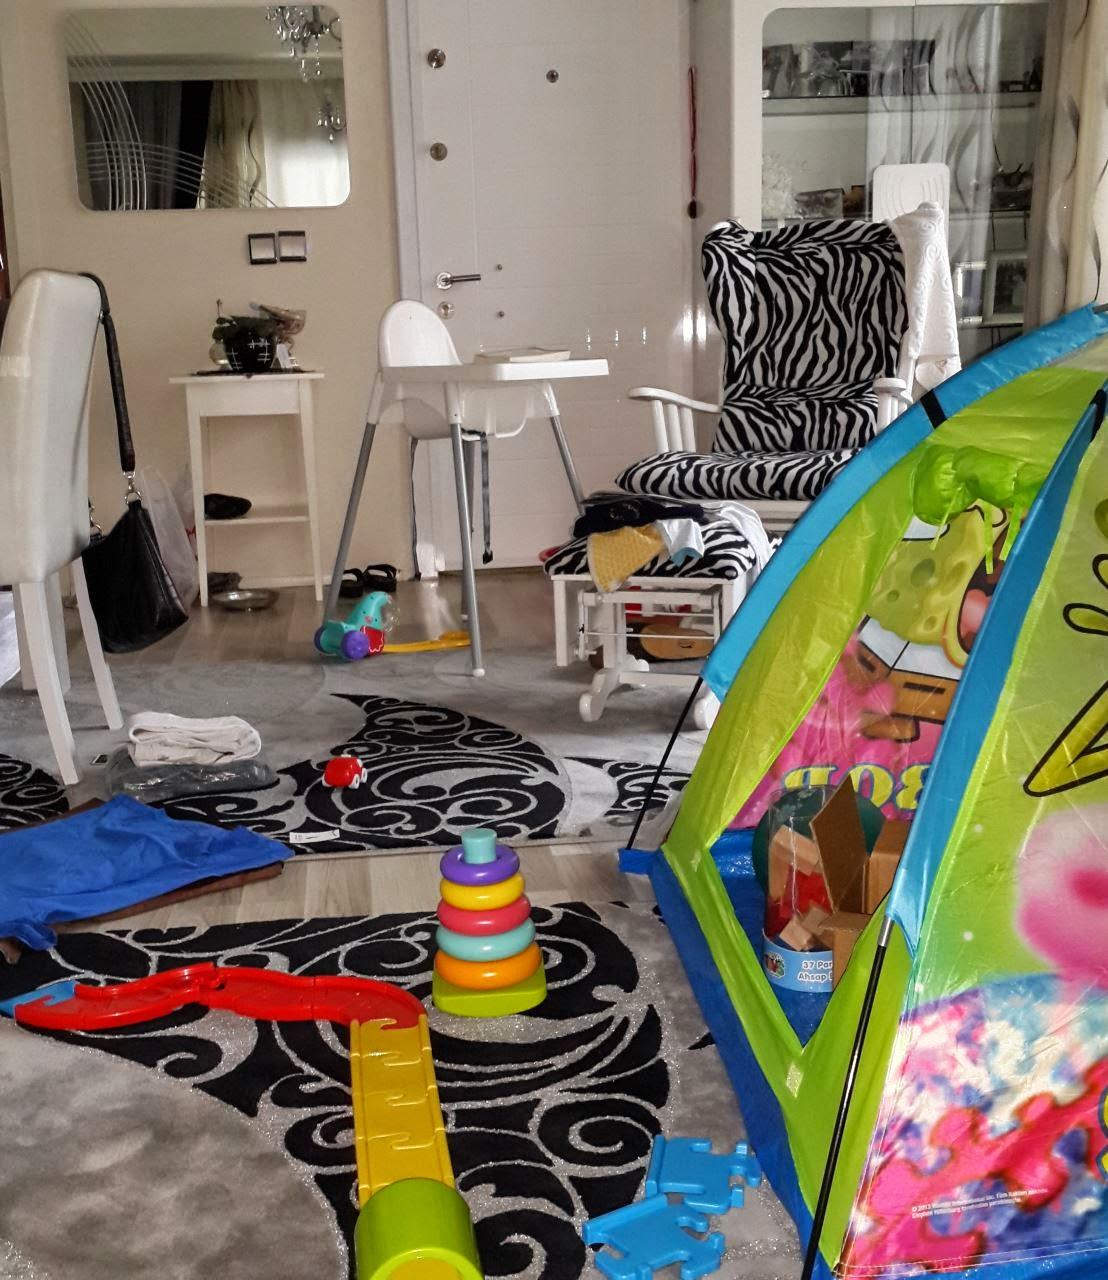 bebek çadırı